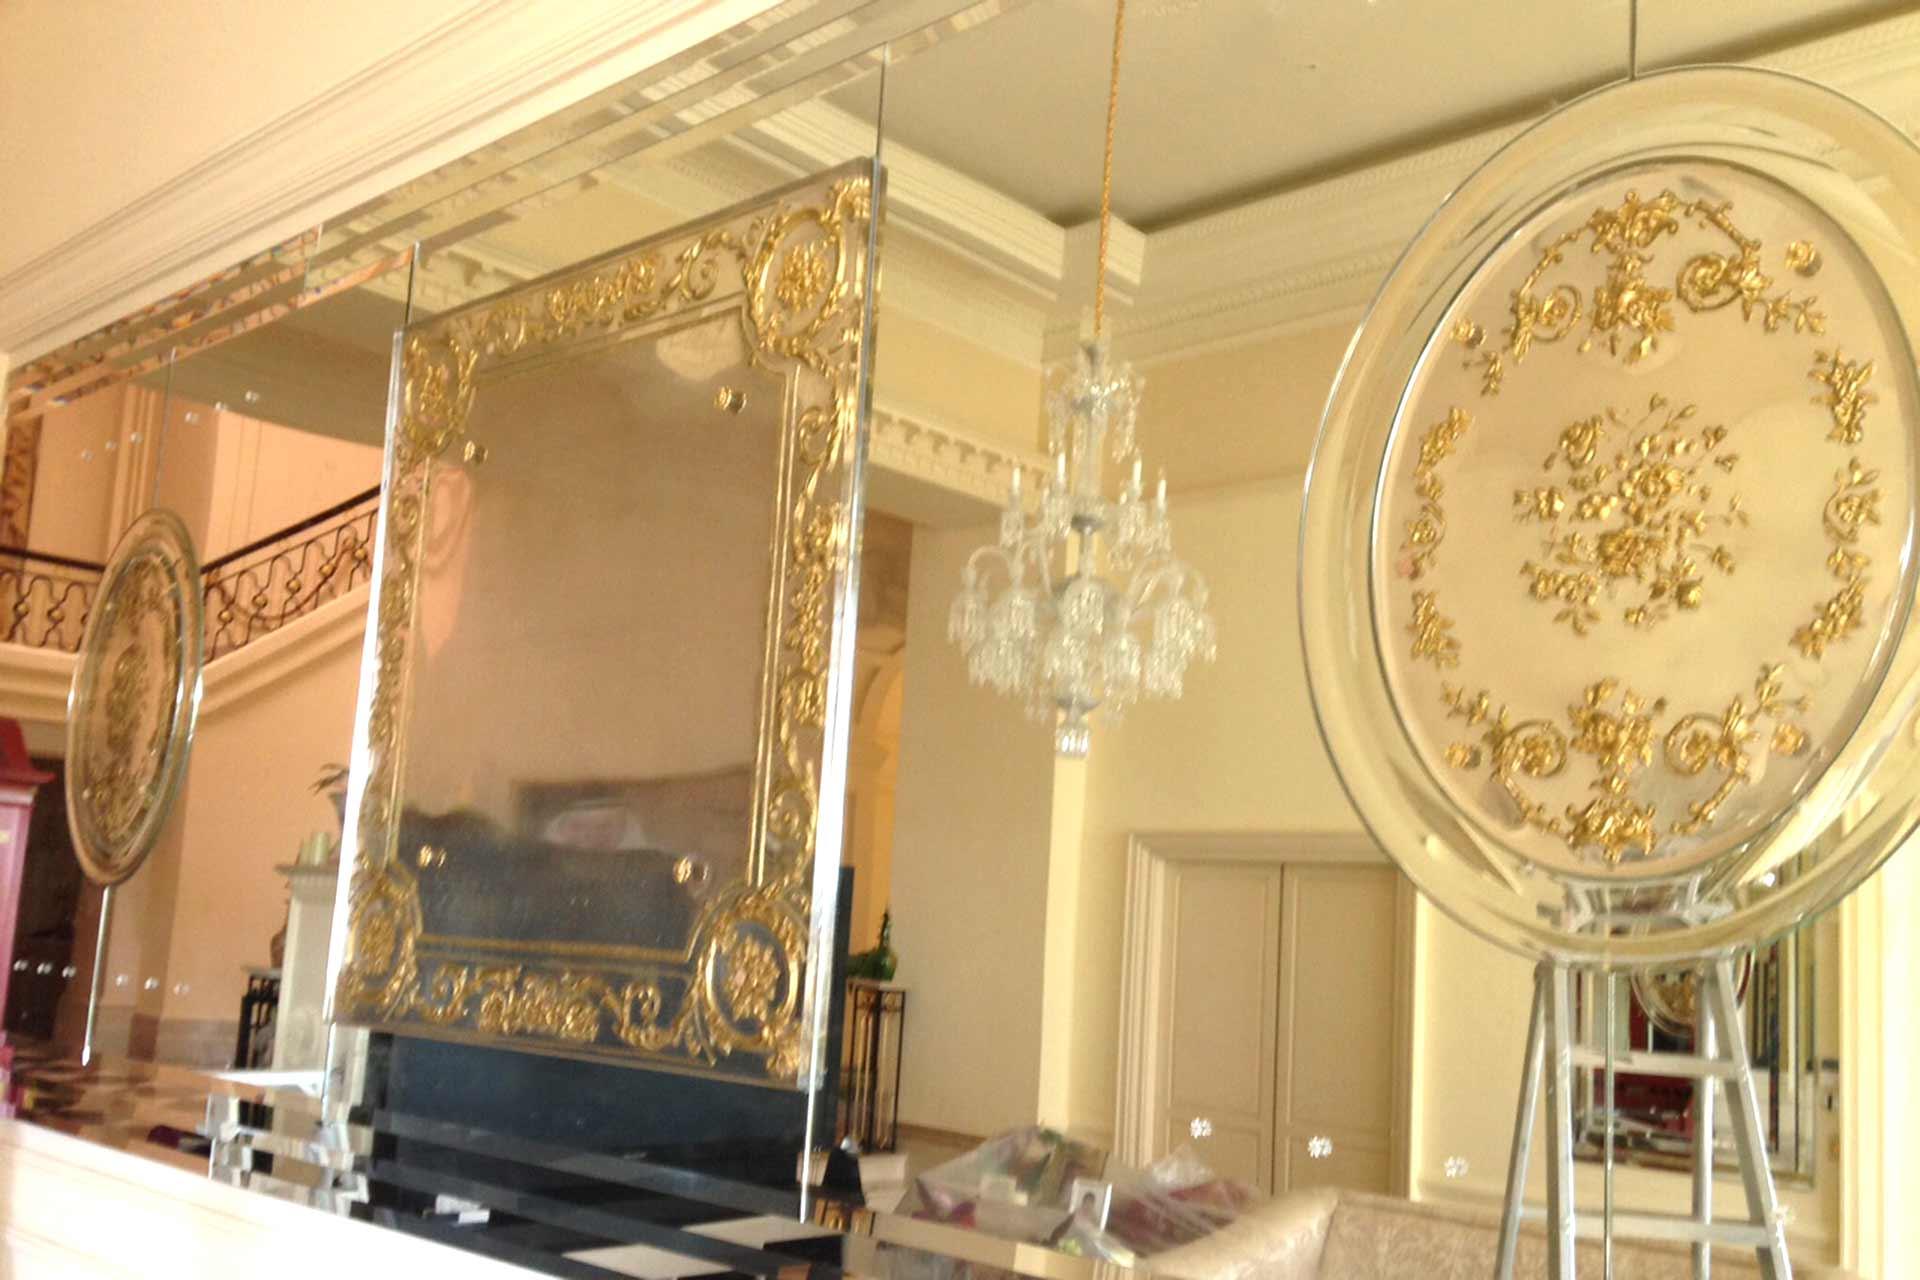 Miroir d'Art en verre ovale pour Klam miroirs décoratifs d'intérieur Olivier Juteau Maître-Verrier